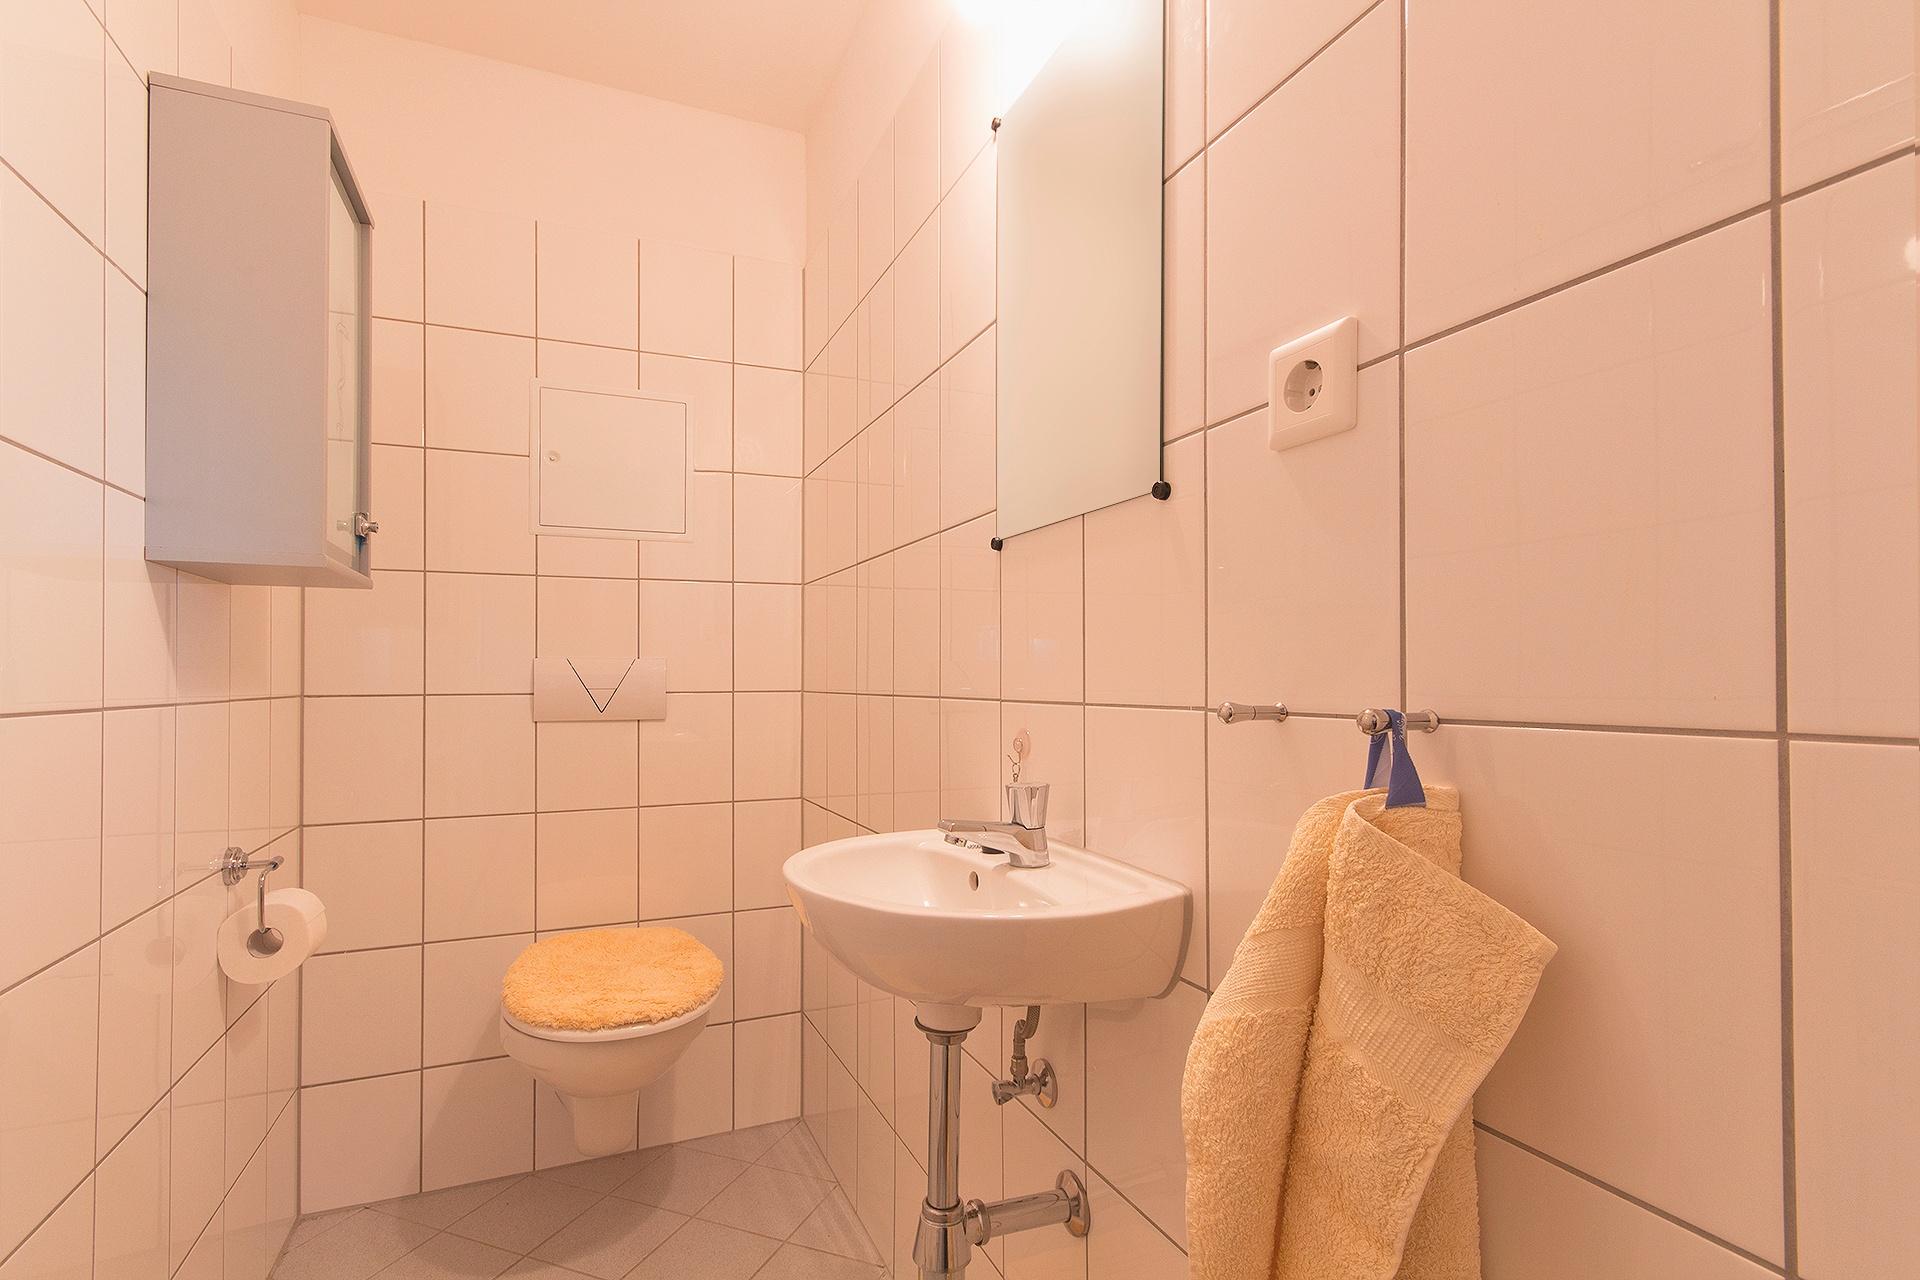 Immobilienmakler Stolberg Etagenwohnung referenzen mit Immobilienbewertung